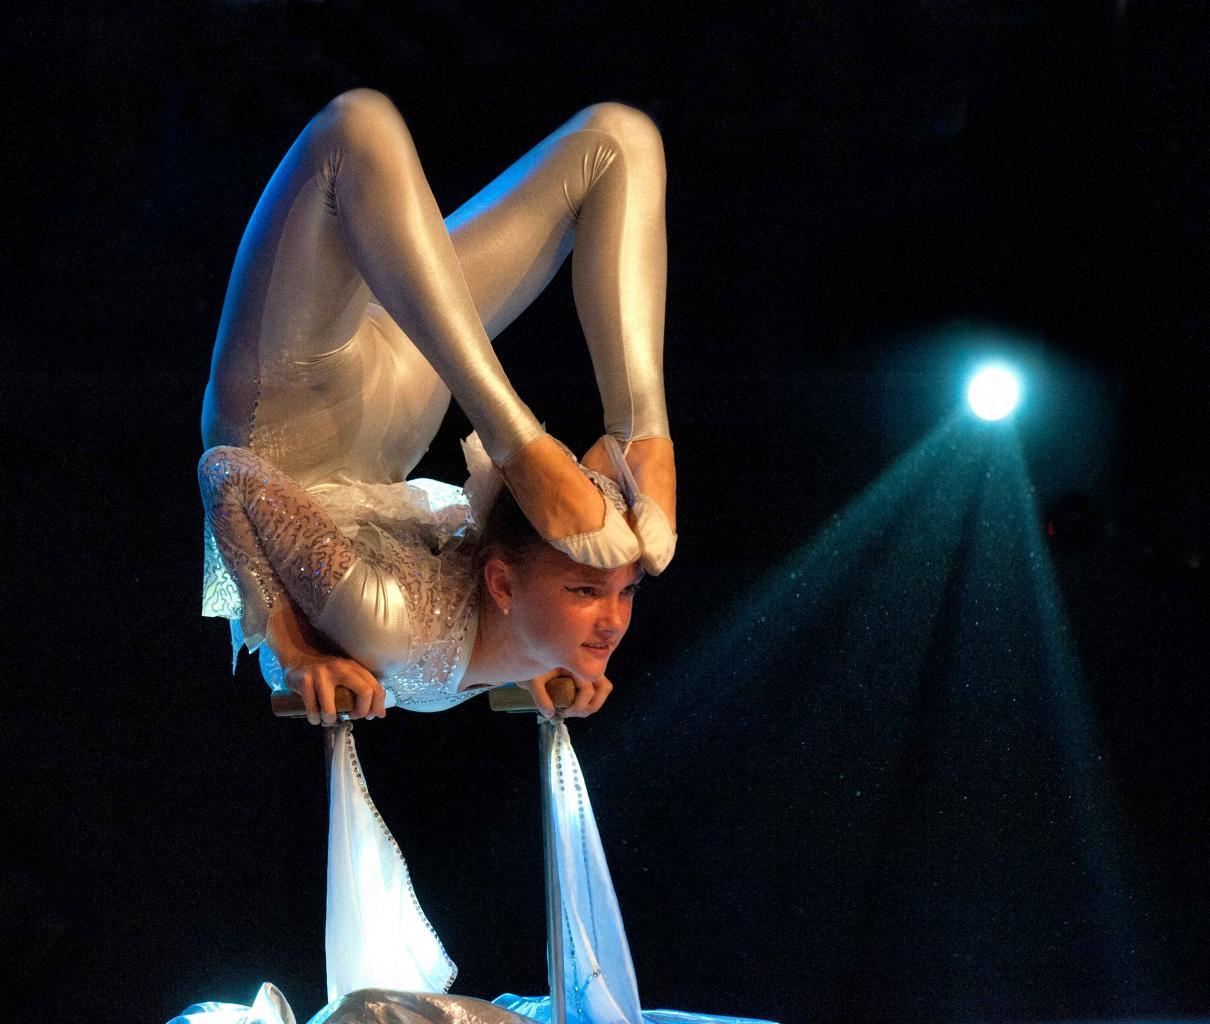 2013 07 14 - Ecole de danse de Kiev (7)